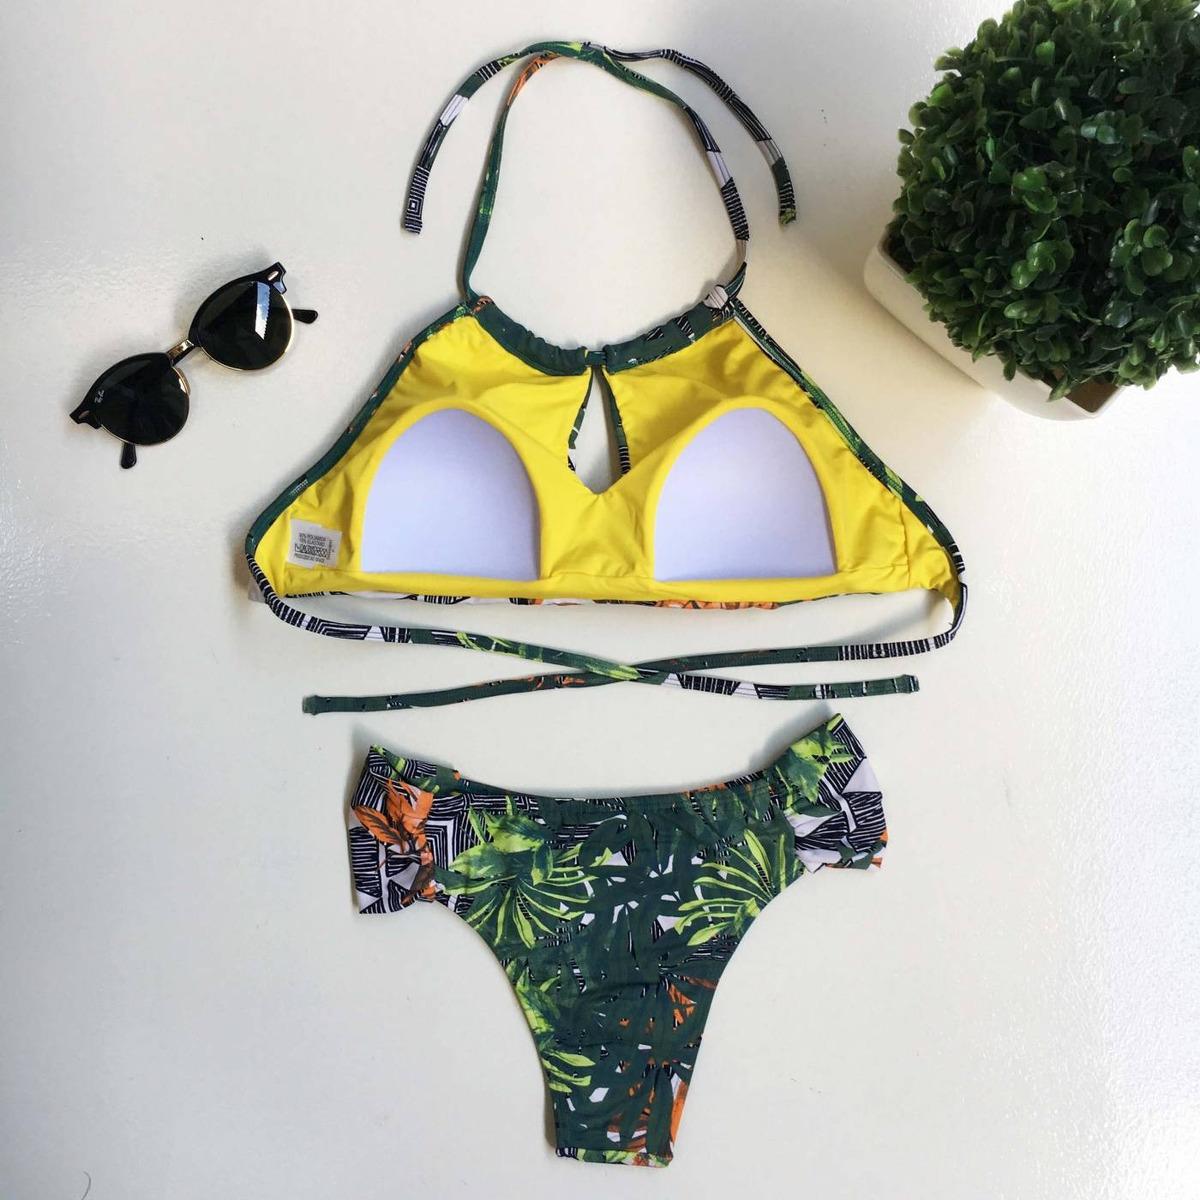 bd5c4d946ef4 Biquini Cropped Com Bojo Verde Maré Brasil - R$ 170,00 em Mercado Livre